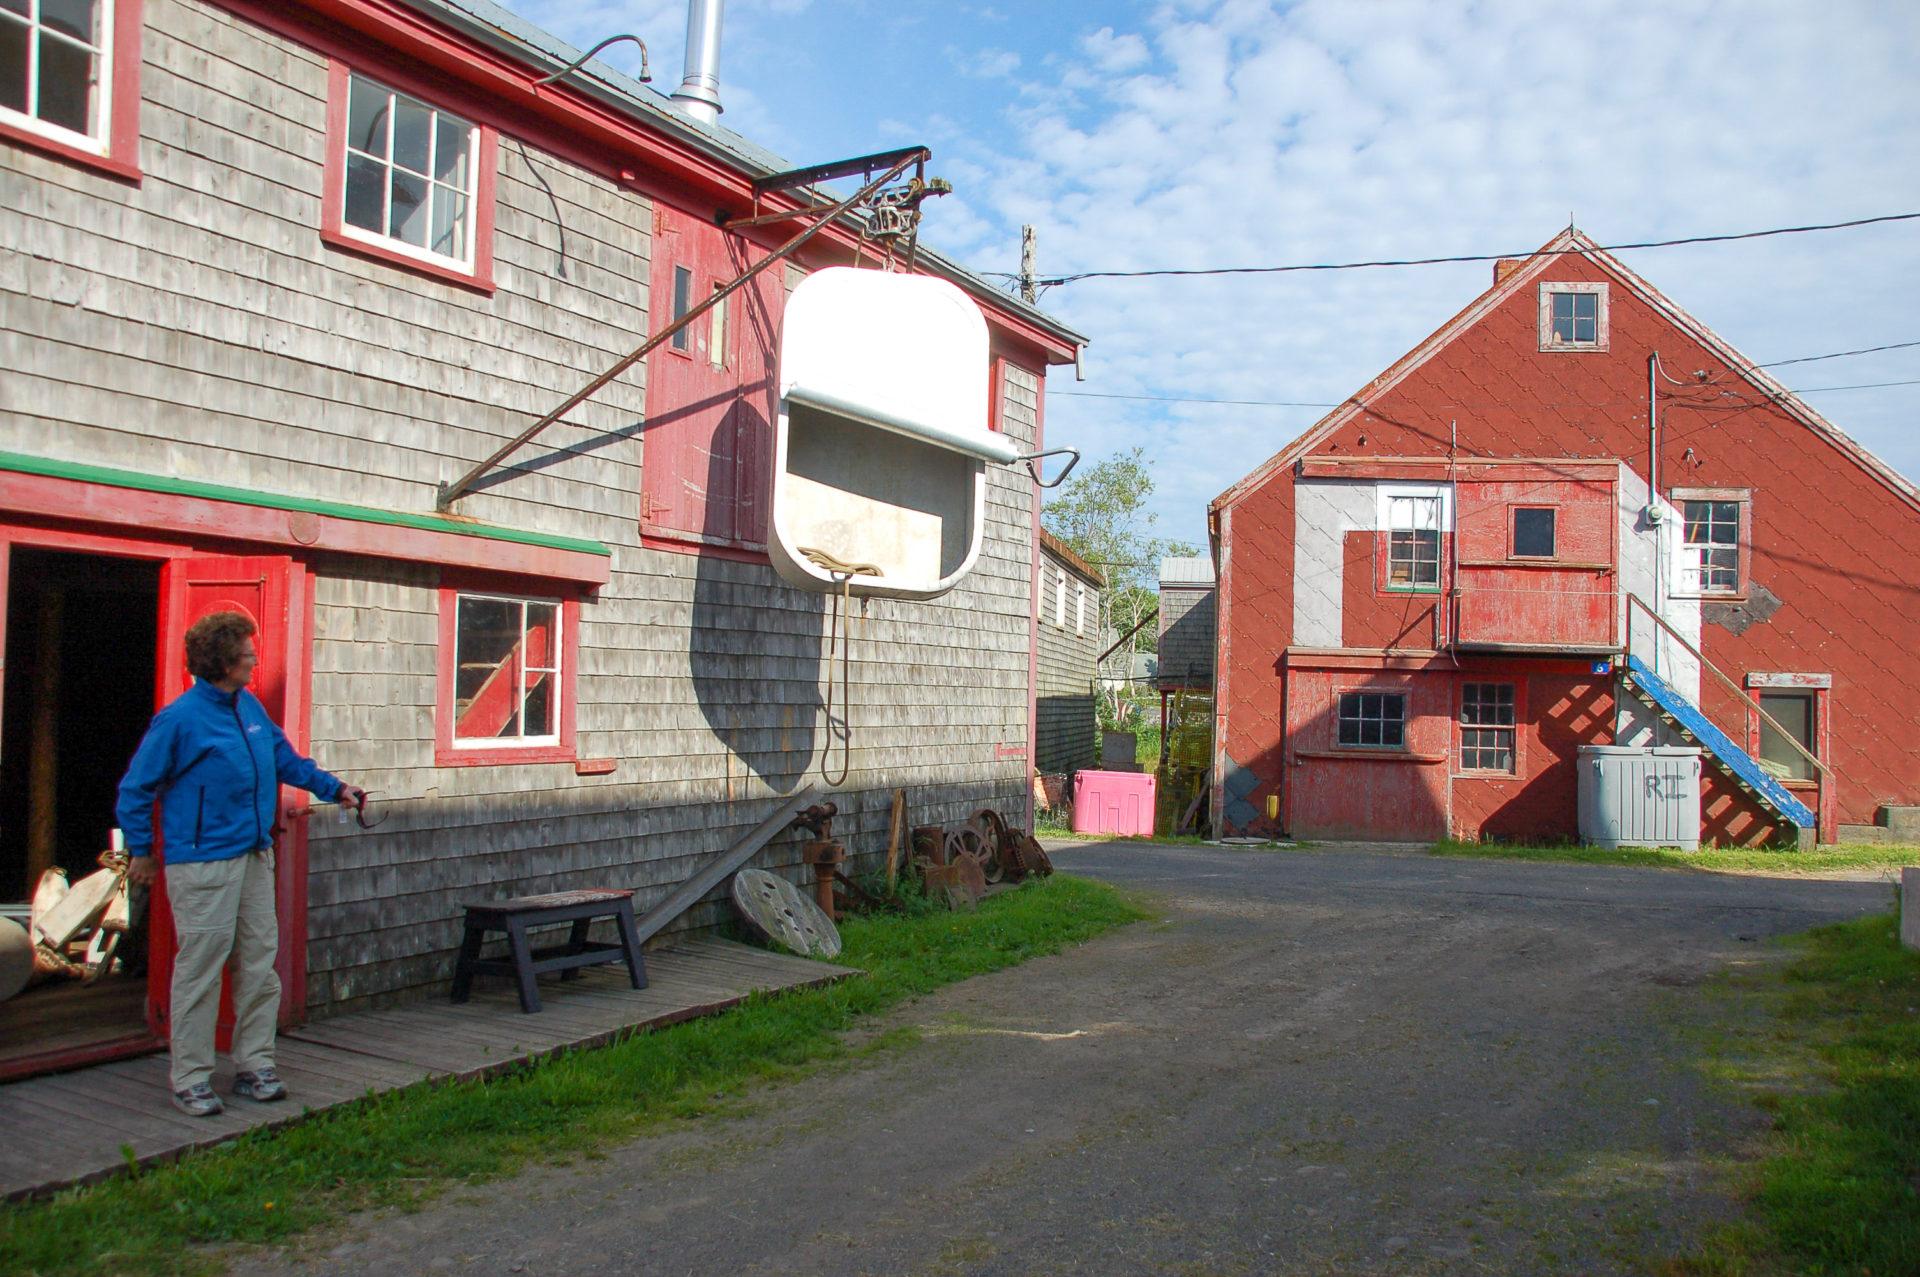 Eine Sardinenbüchse als Deko an einem Haus in New Brunswick